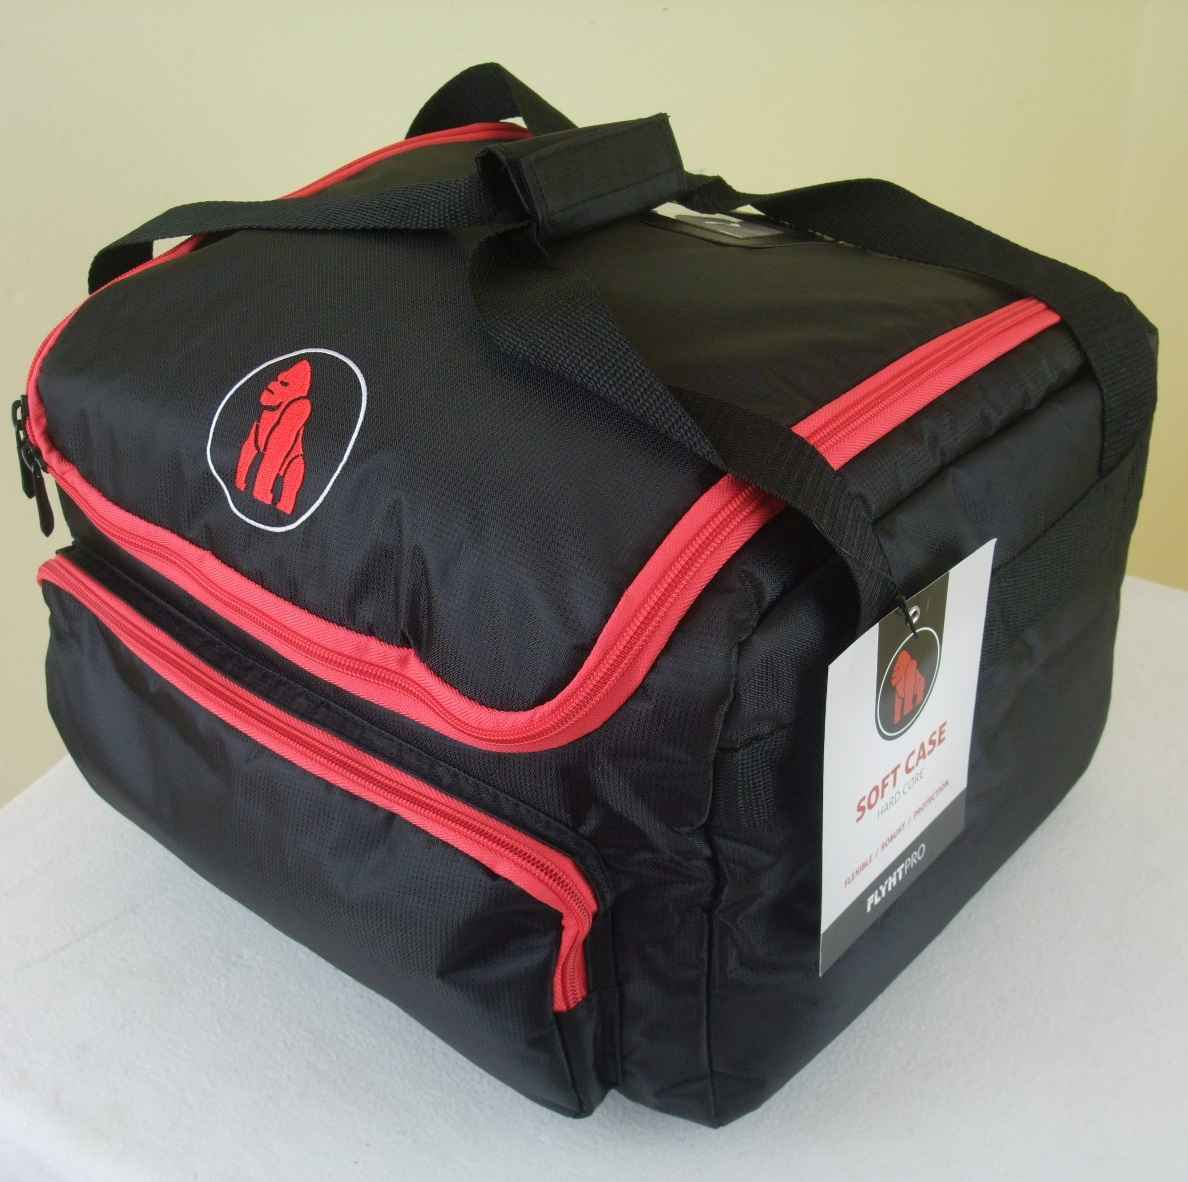 37 x 32 x 25 cm Transporttasche GAC414 Gerätetasche Tragetasche Werkzeugtasche